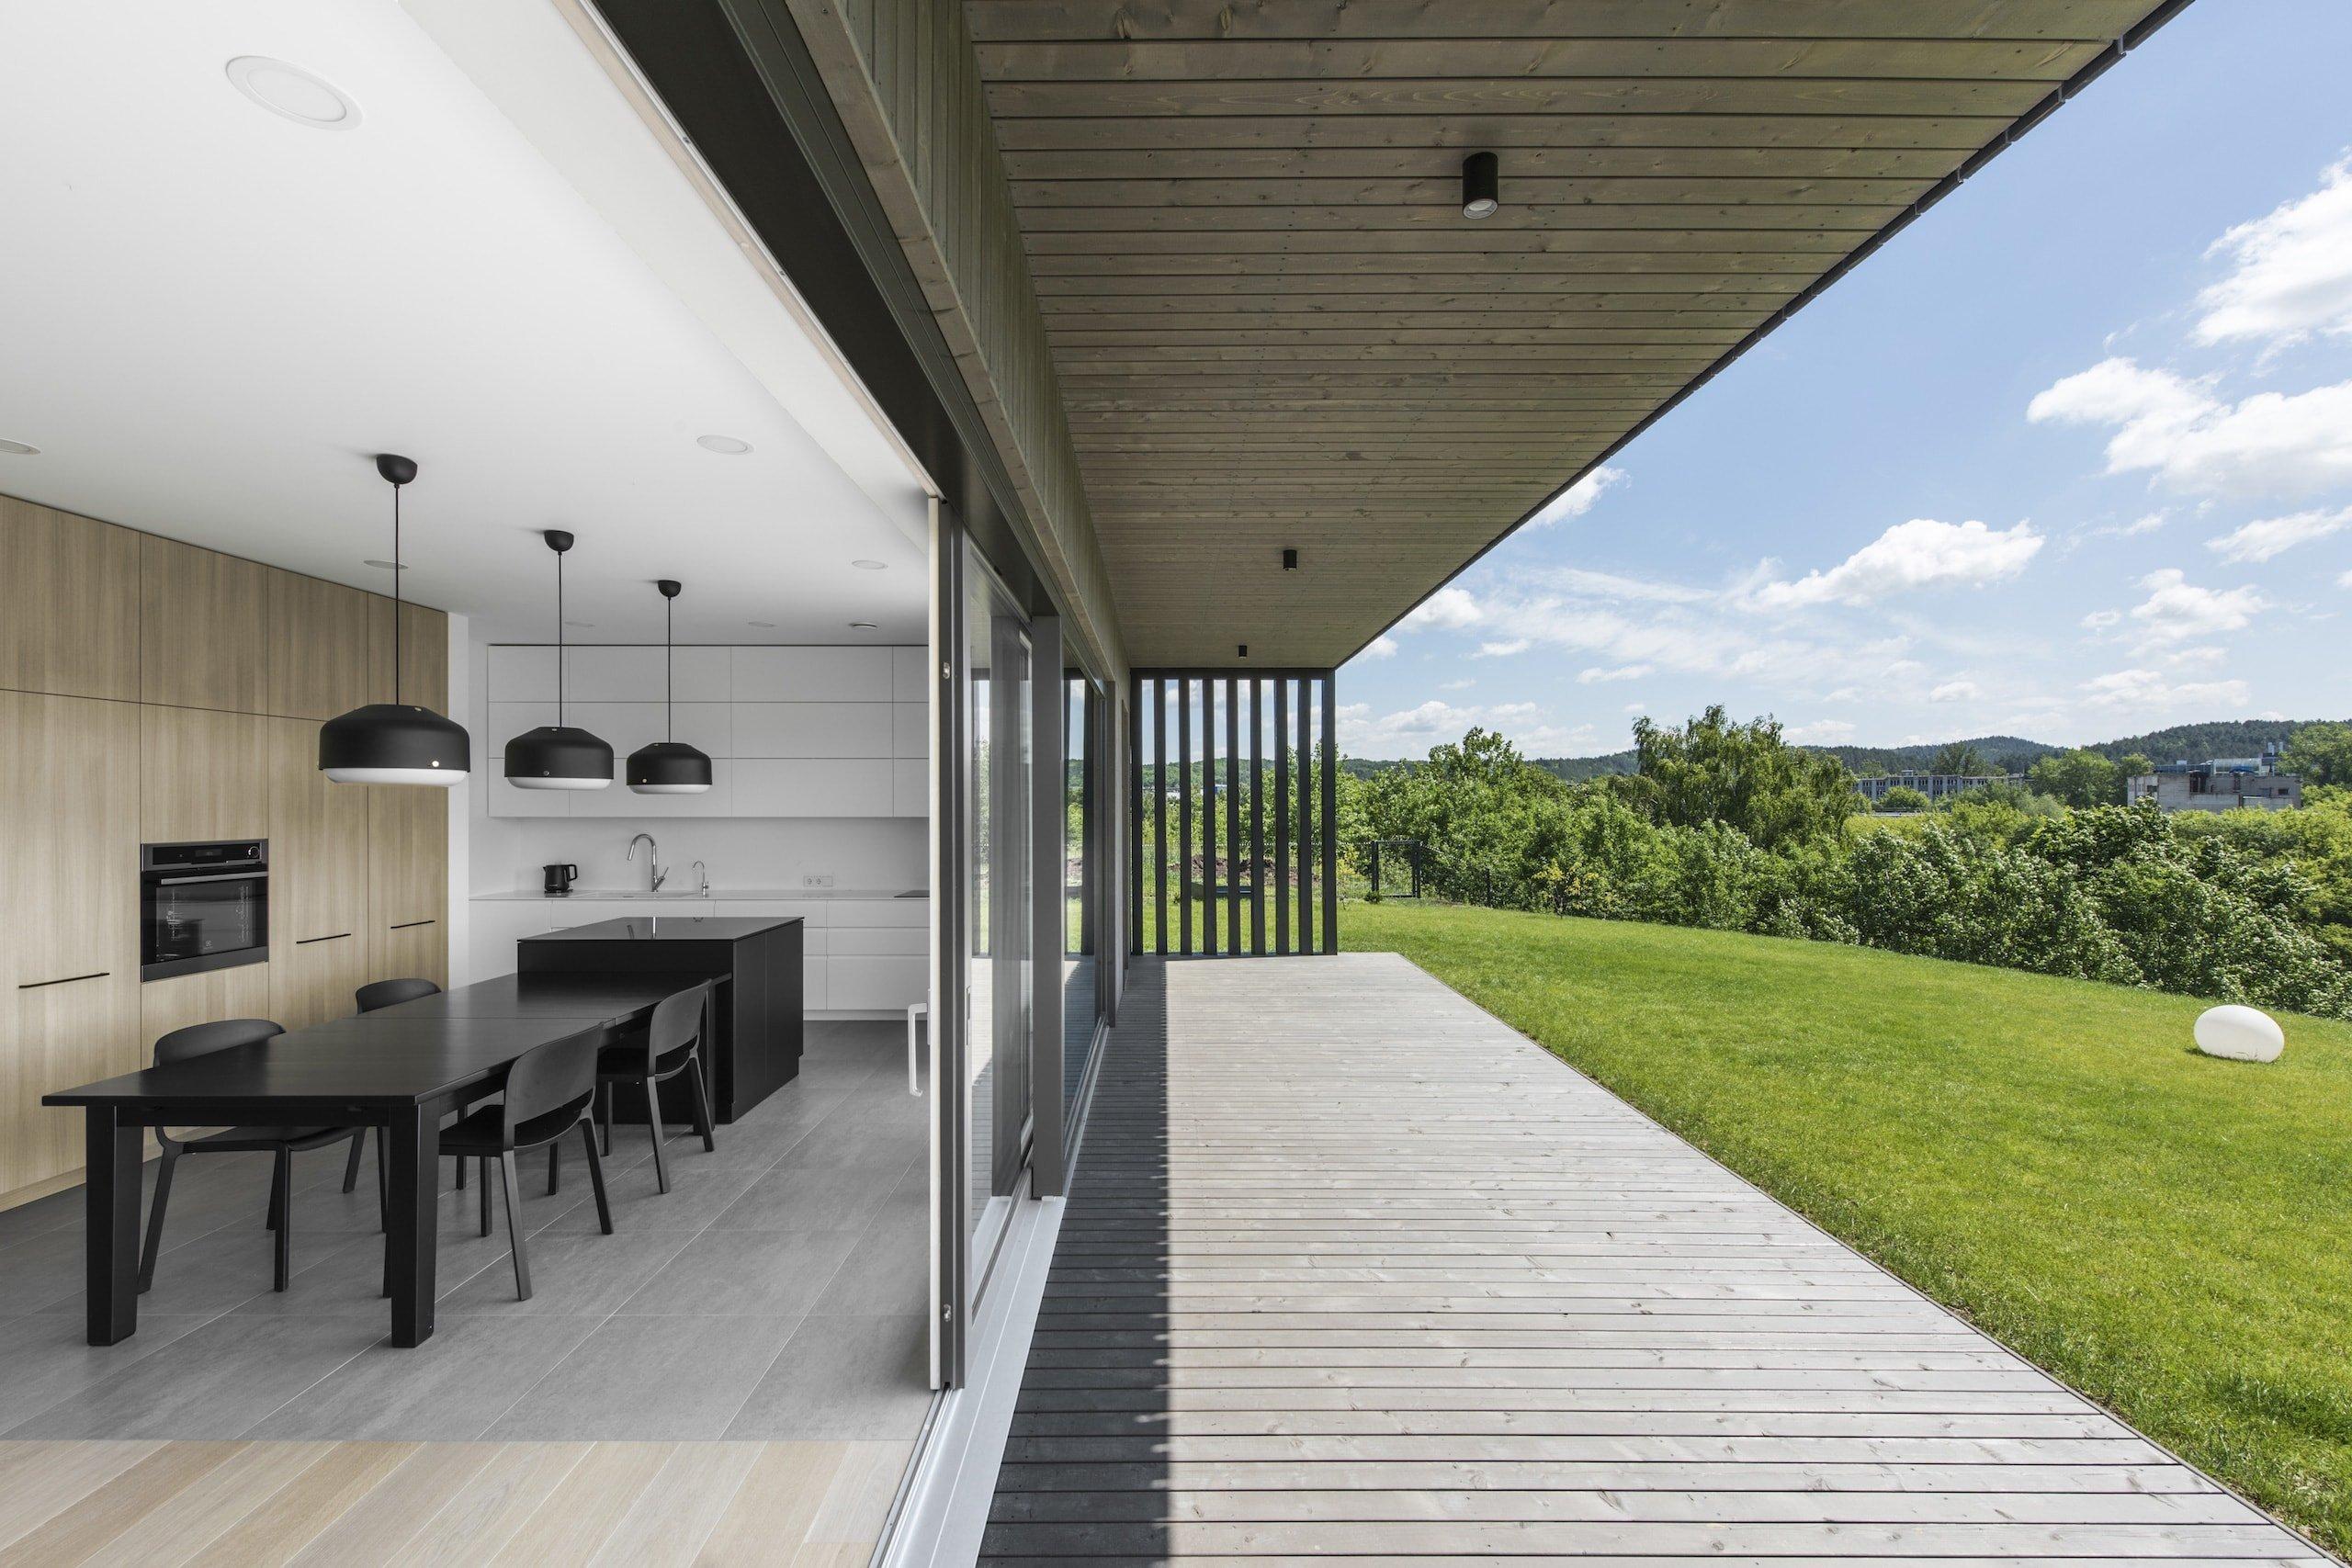 """Tento dům stojící v prestižní obytné čtvrti ve Vilniusu si díky svému vzhledu, který nám může připomínat krabici, vysloužil název """"Black box house"""". Jde o dům, jenž je pravou ukázkou toho, že i minimalismus může být velmi vkusný. Tuto moderní stavbu navrhli architekti z litevského studia PAO studio."""